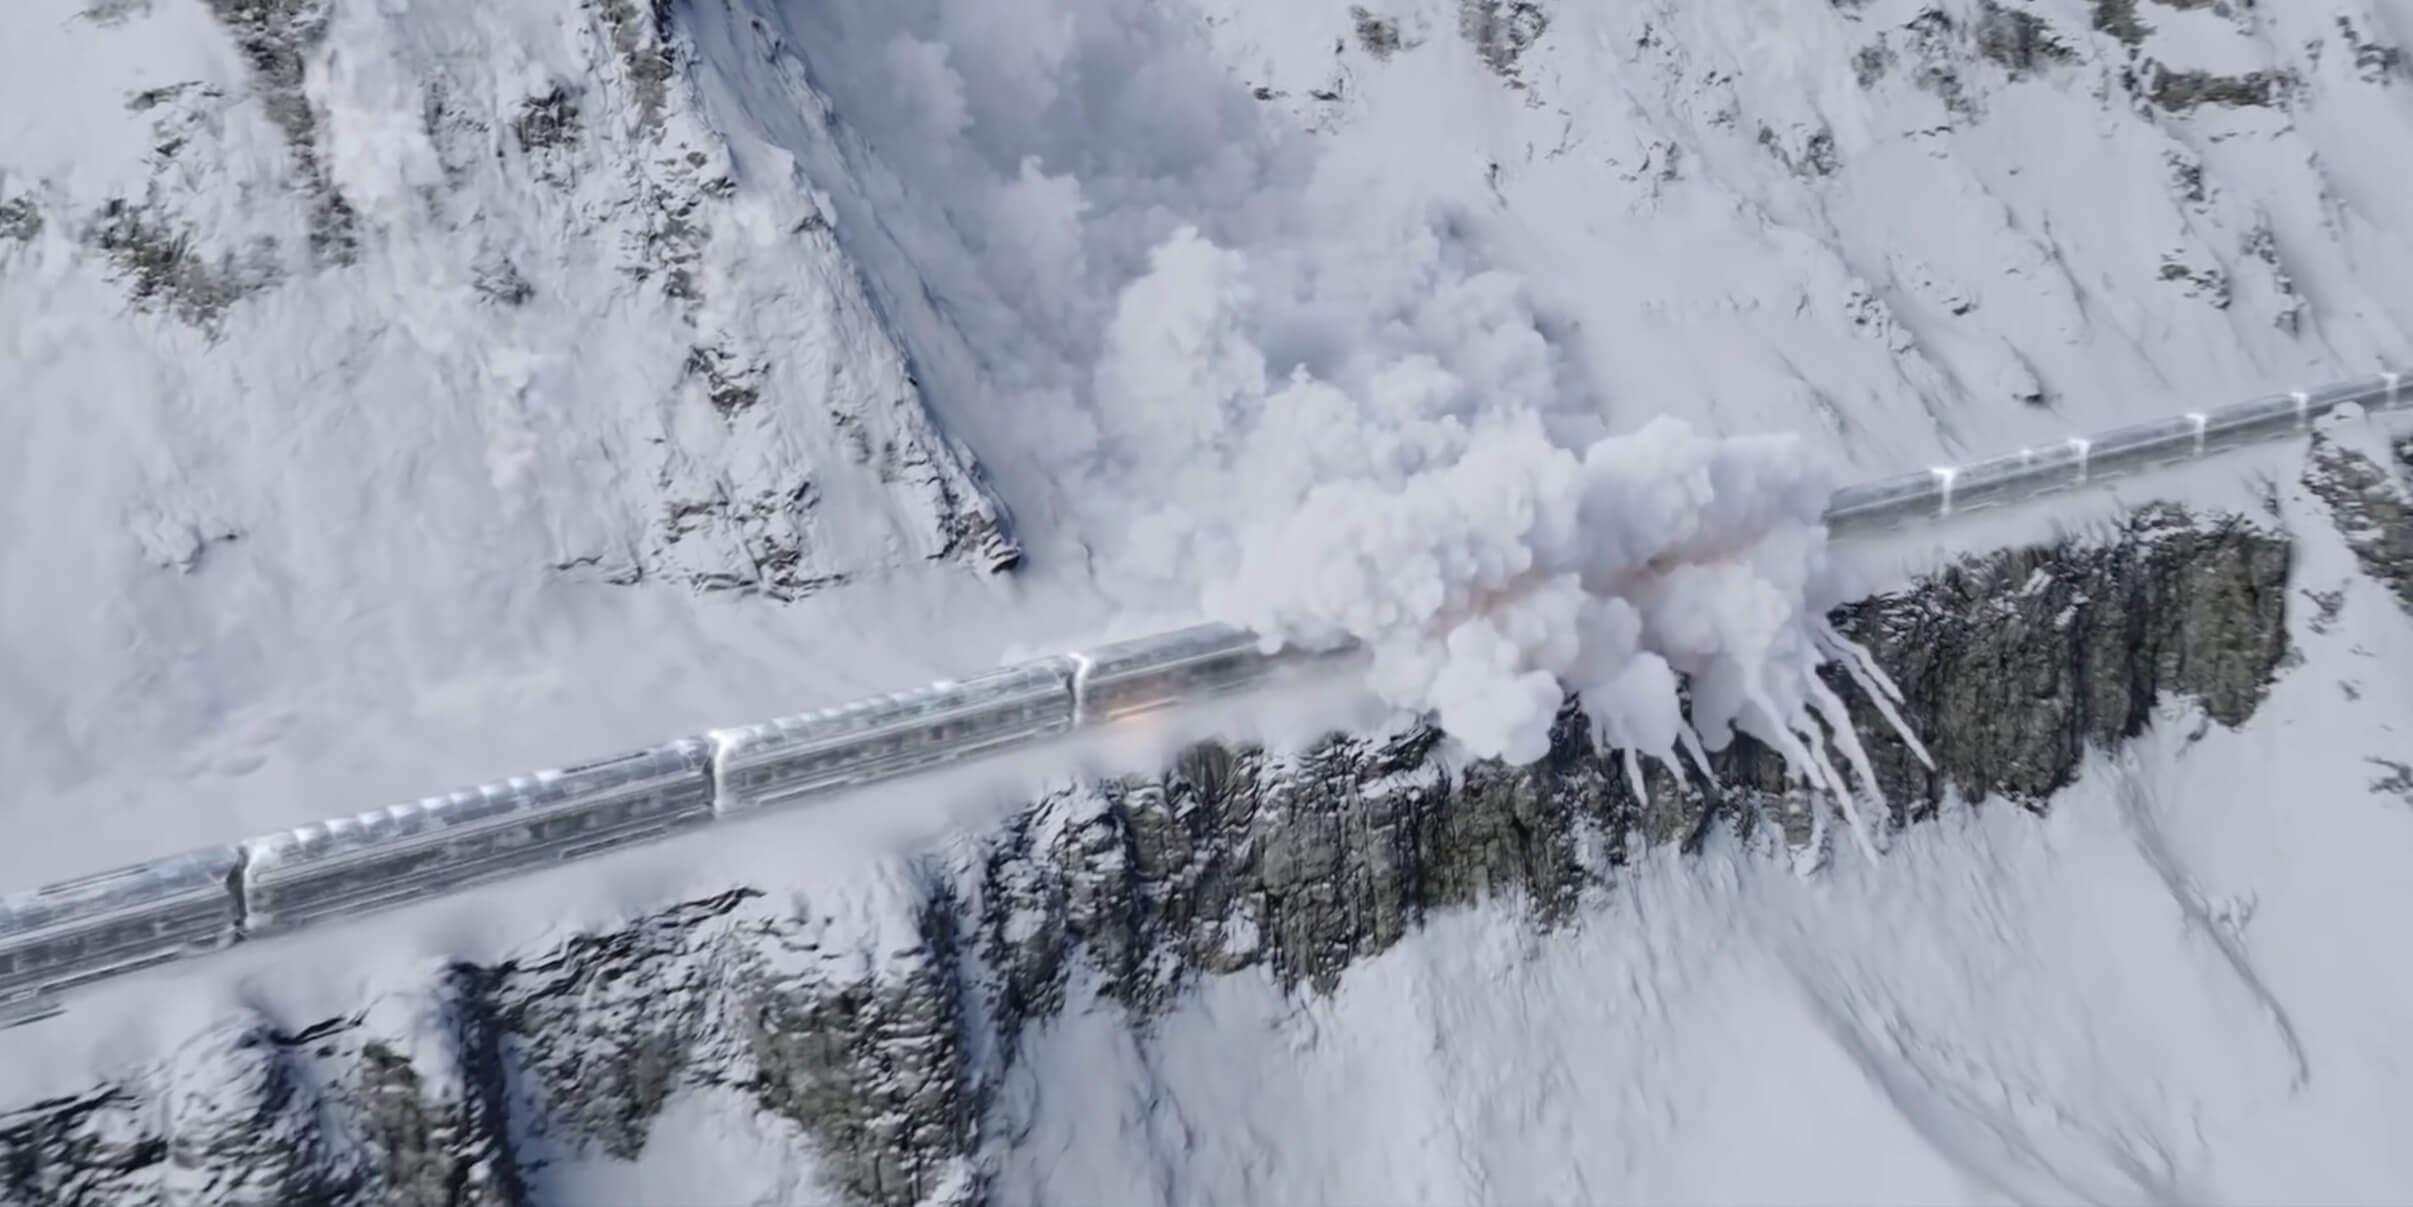 Snowpiecer ซีรีส์ที่นำเสนอความจริงของสังคมผ่านรถไฟแห่งความเหลื่อมล้ำและชนชั้น